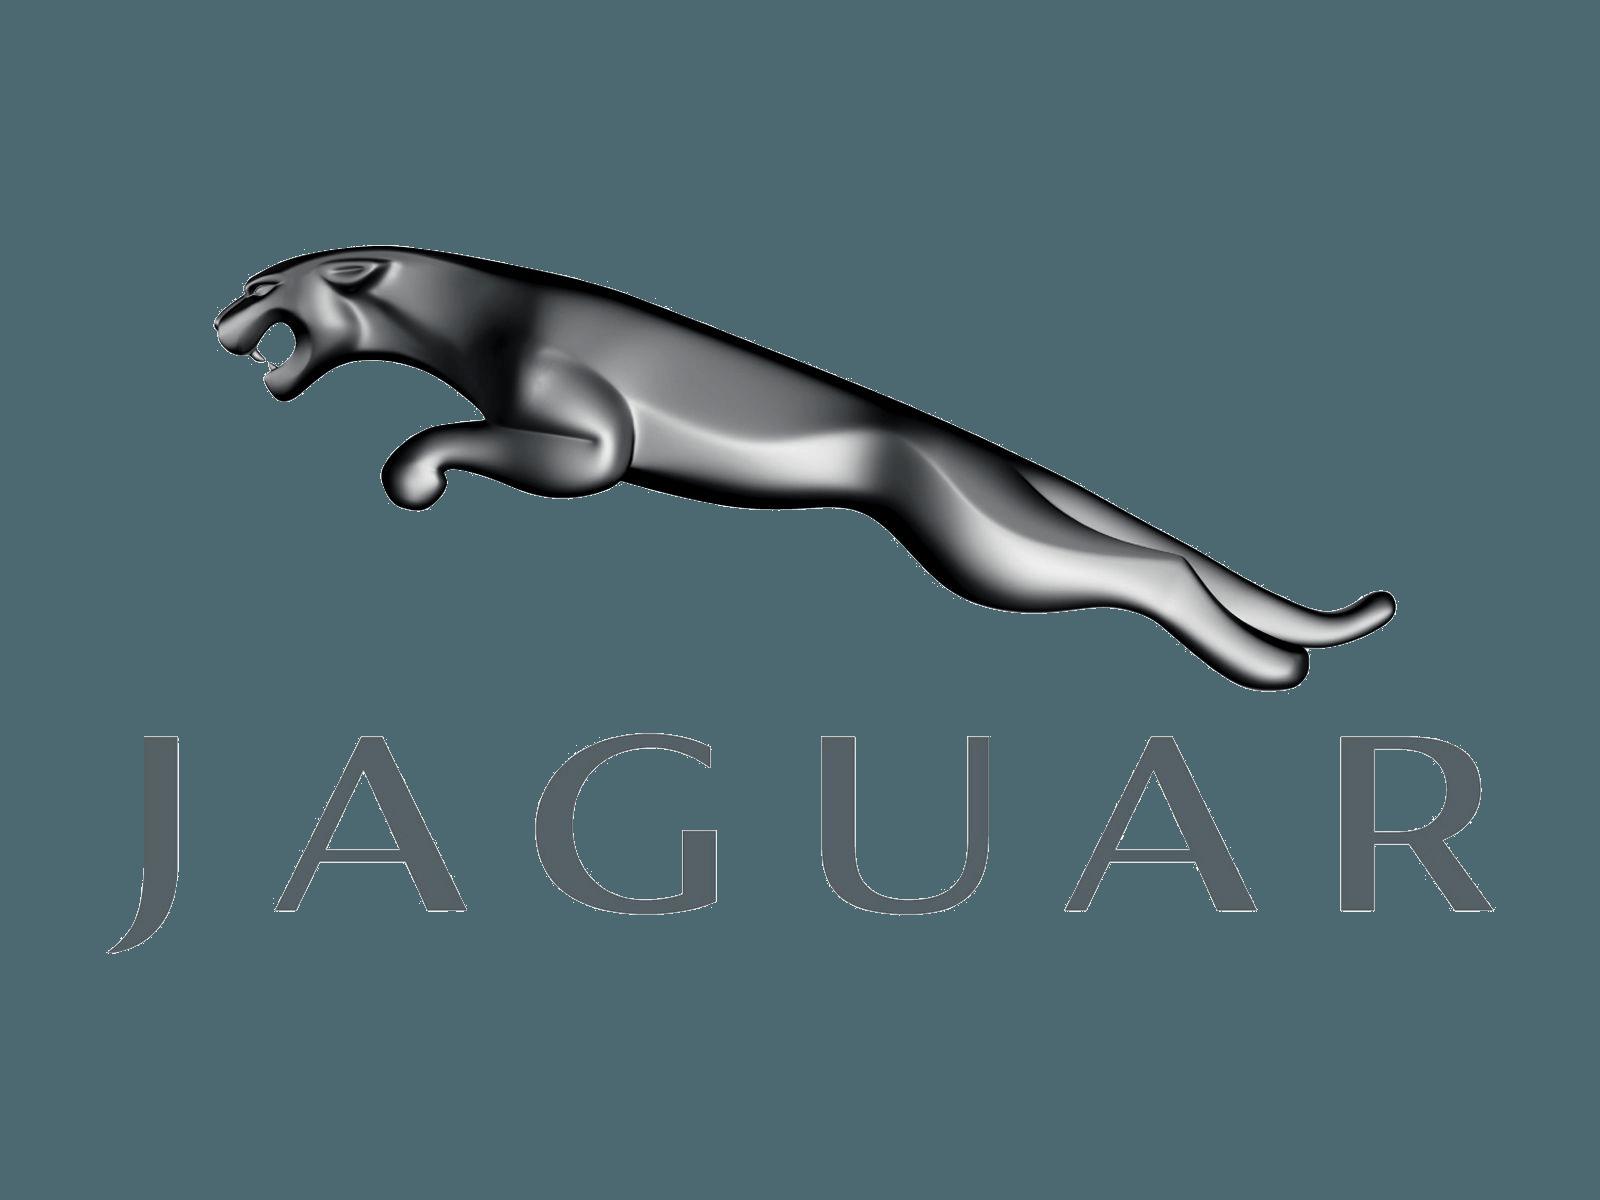 Jaguar Car Logo Png Brand Ima